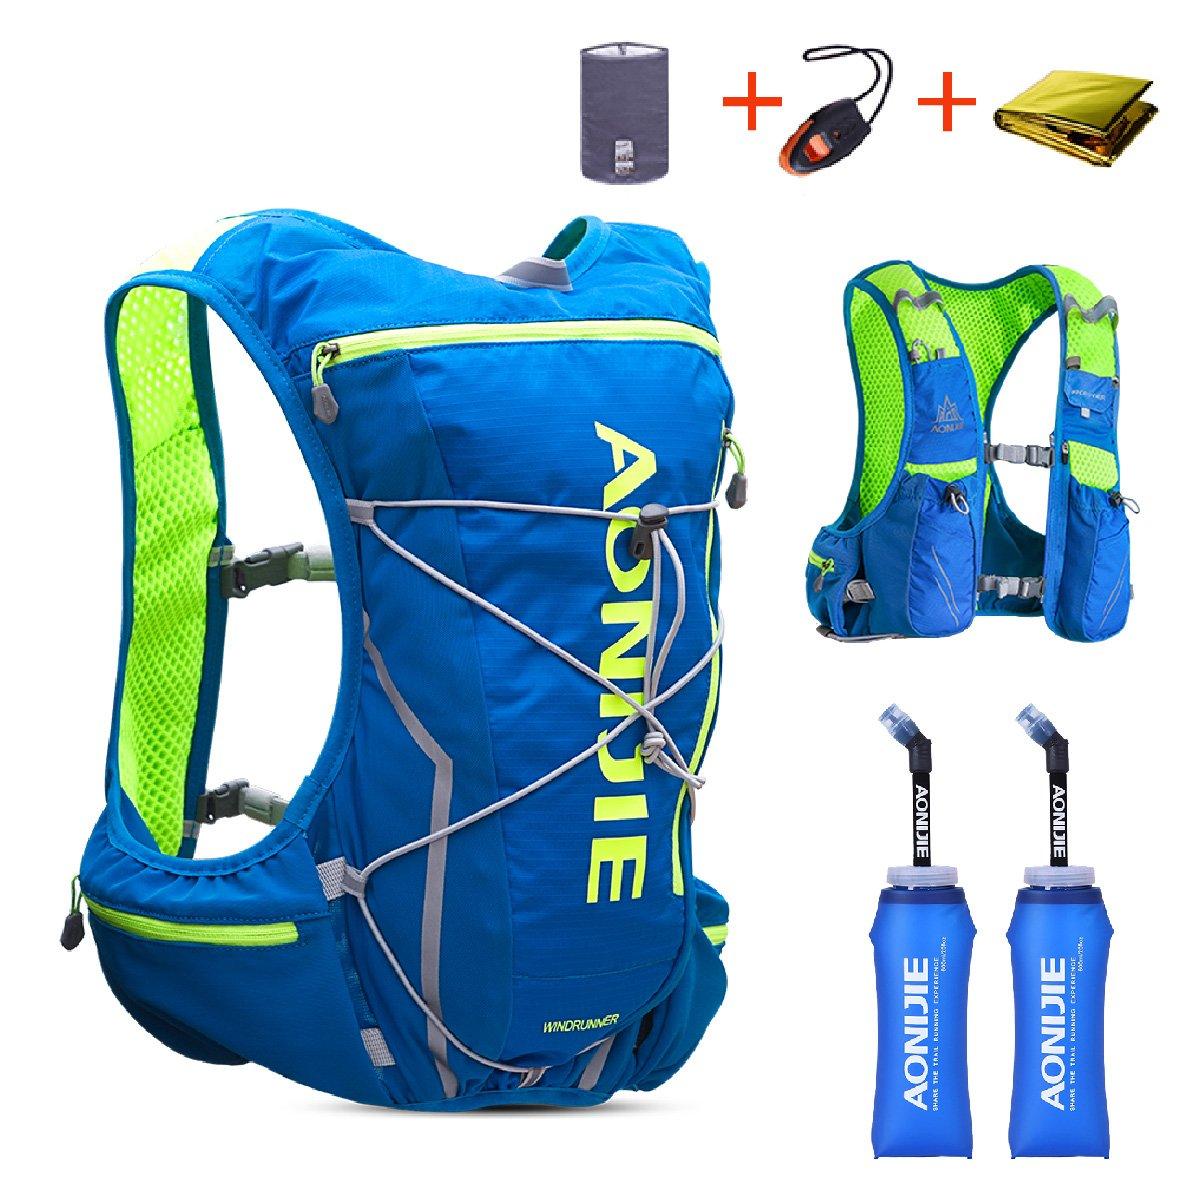 Triwonder 10L ハイドレーション バッグ リュック サイクリング ハイキング ランニング 自転車バックパック B071CKP6X8 M/L 80-97cm(バスト)|ブルー&グリーン 2ソフト水筒付(350ml) ブルー&グリーン 2ソフト水筒付(350ml) M/L 80-97cm(バスト)